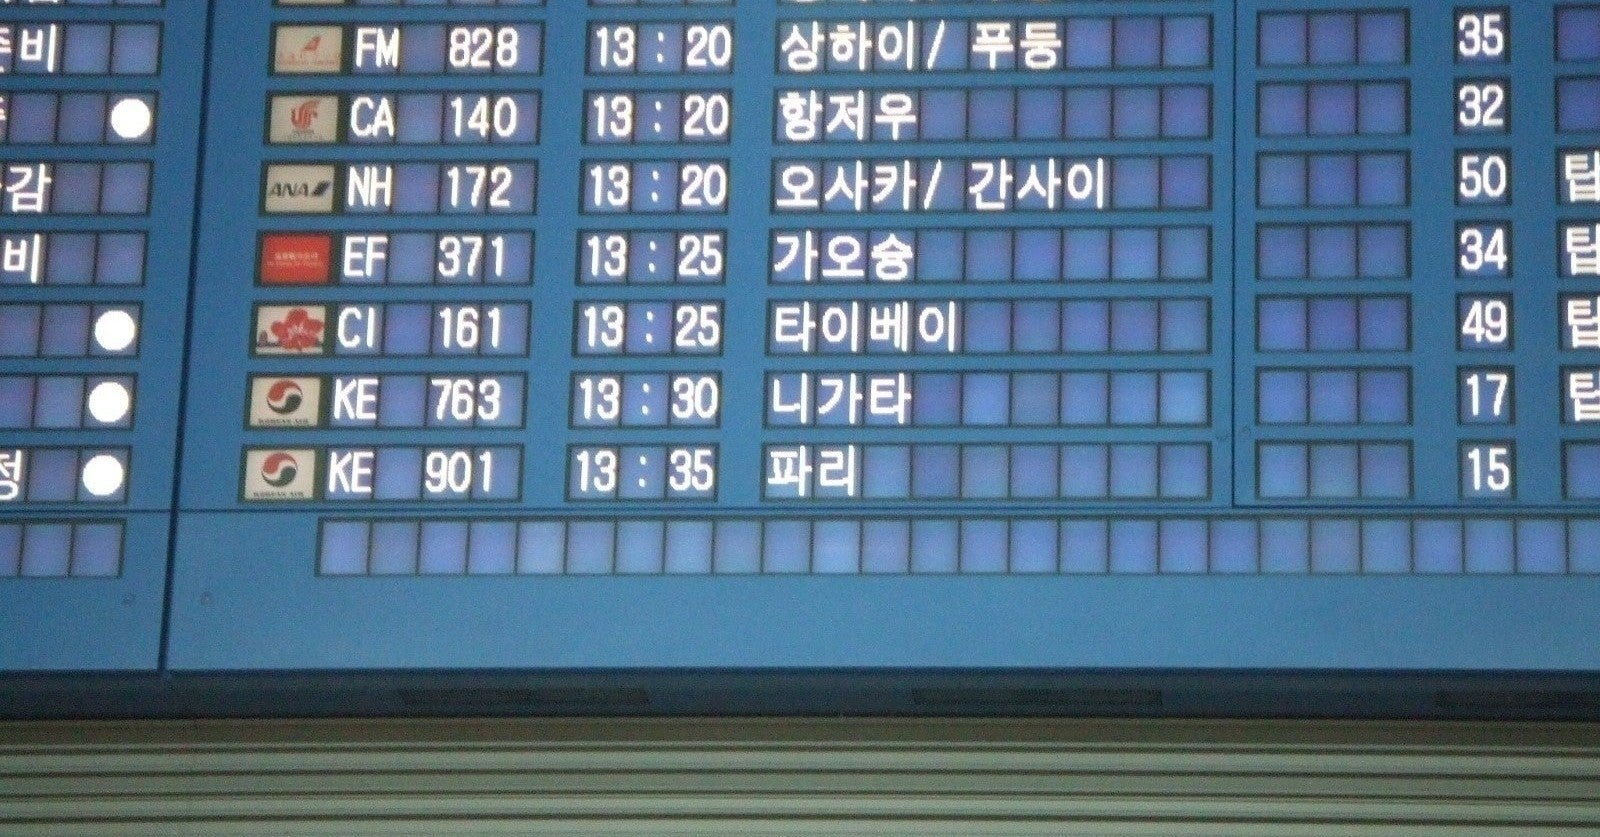 鼻音化が難しい:韓国語学習記録|munologue|note